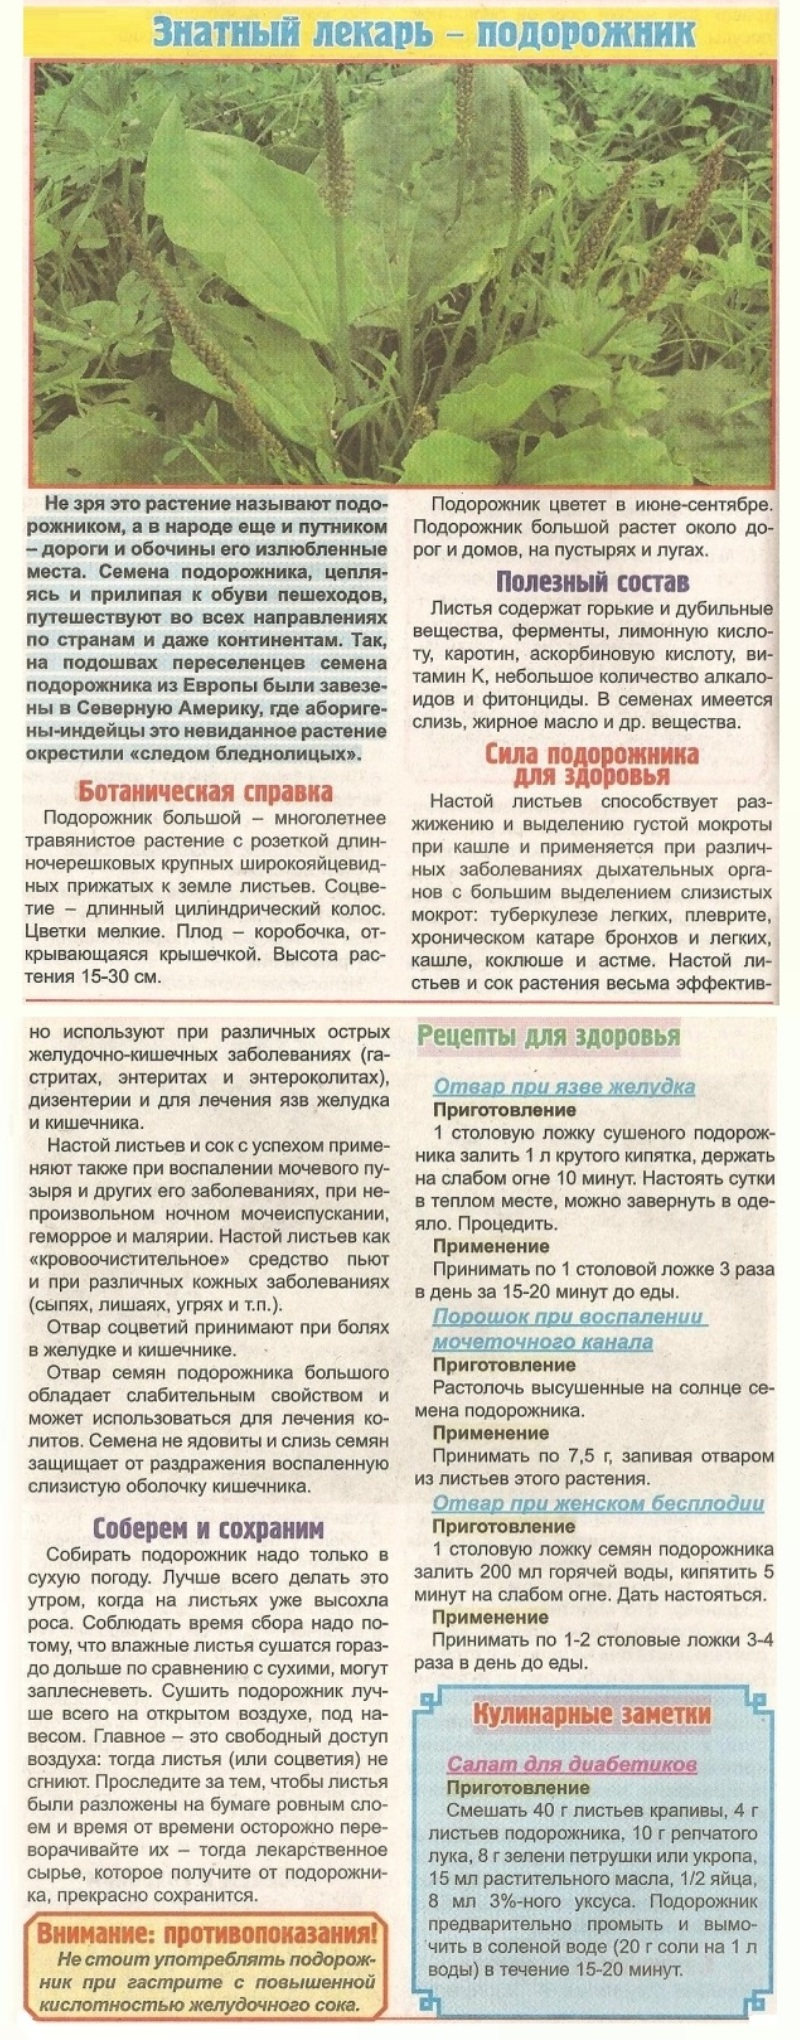 Как сушить календулу: правильная сушка в домашних условиях - засушим.ru